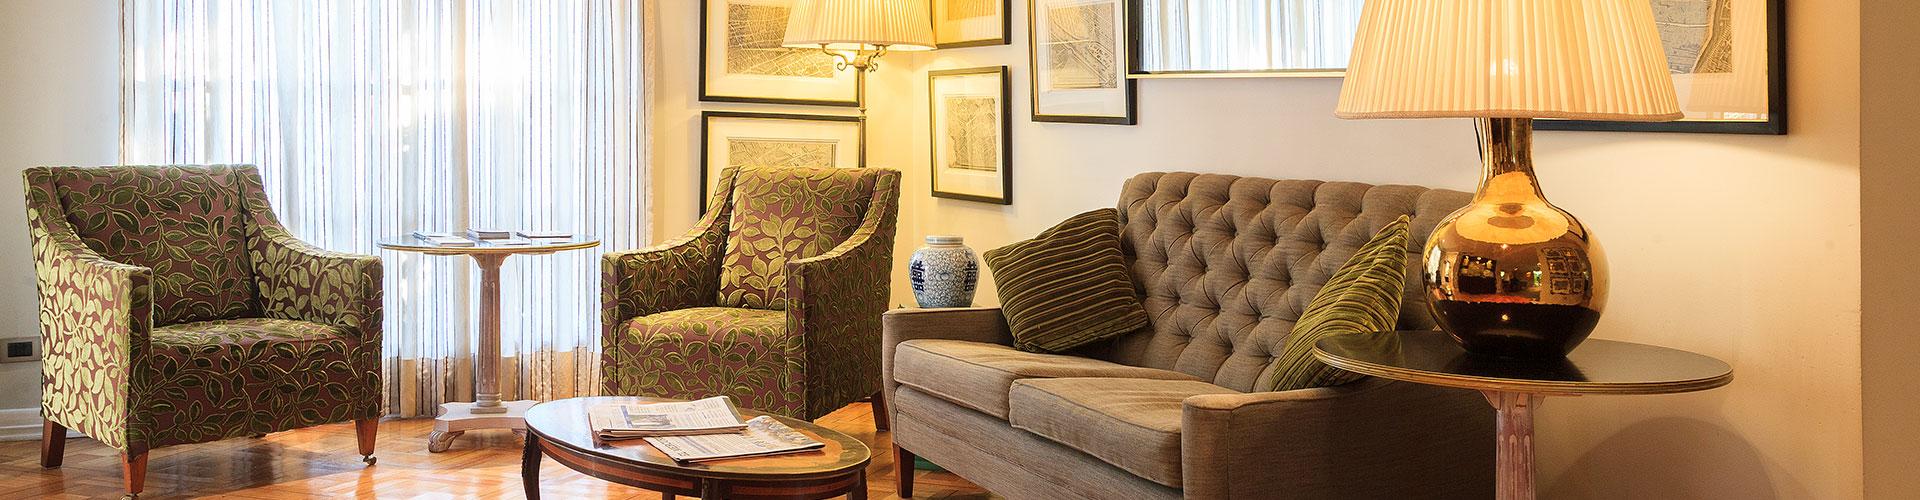 interior-hotel-le-reve-sillones